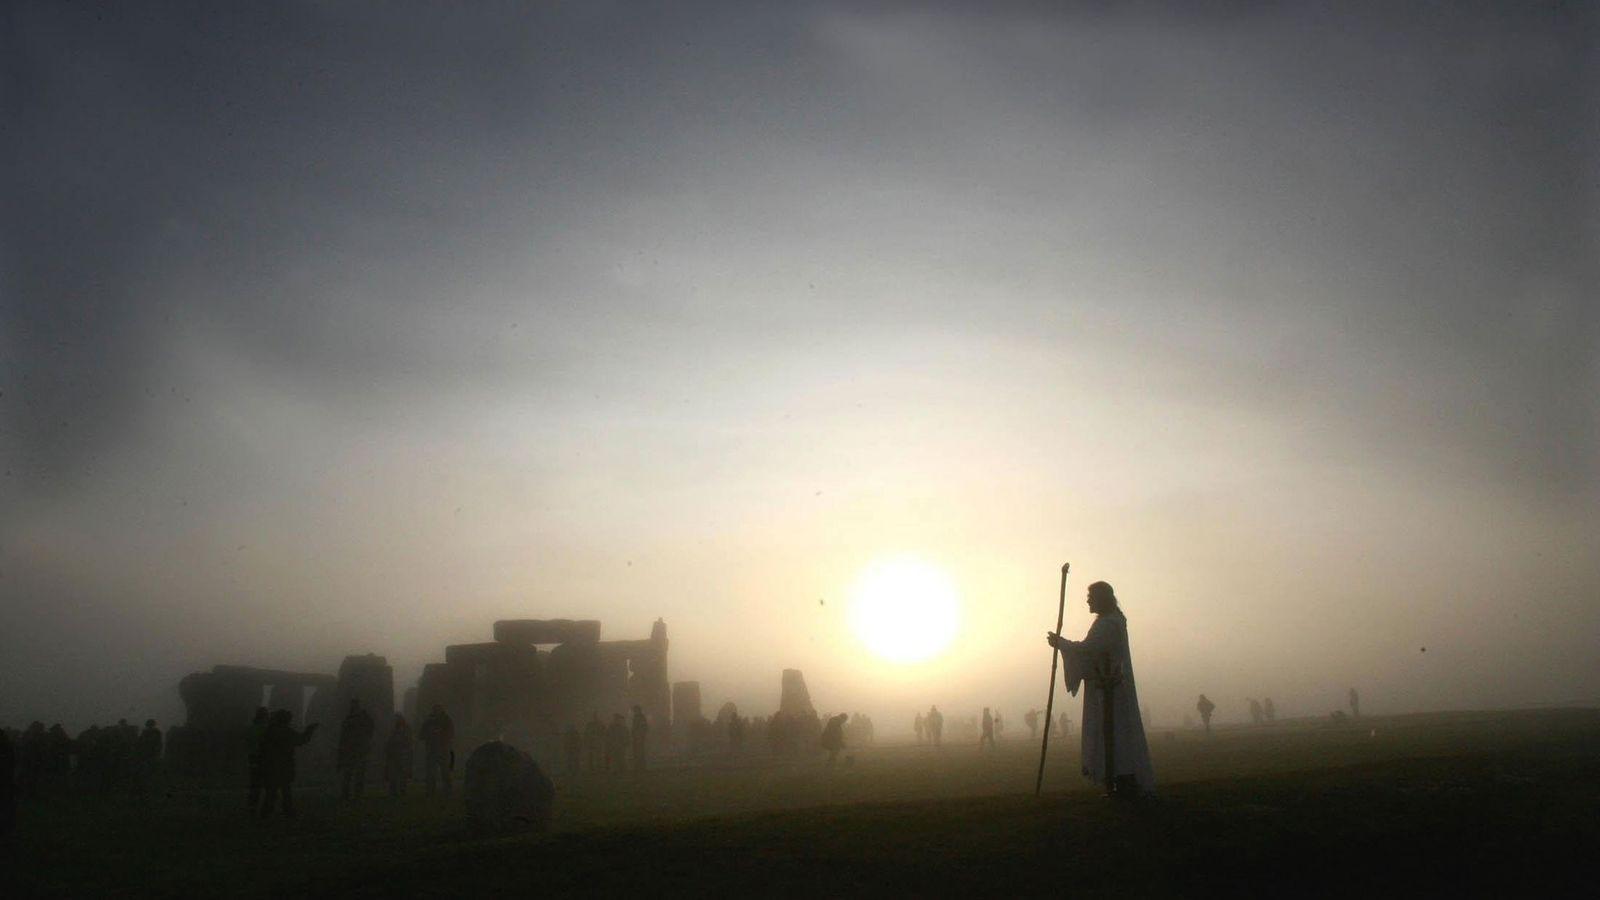 Der neuzeitliche Druide Arthur Pendragon beobachtet zur Wintersonnenwende 2005 den Sonnenaufgang über Stonehenge. Obwohl nur wenig ...